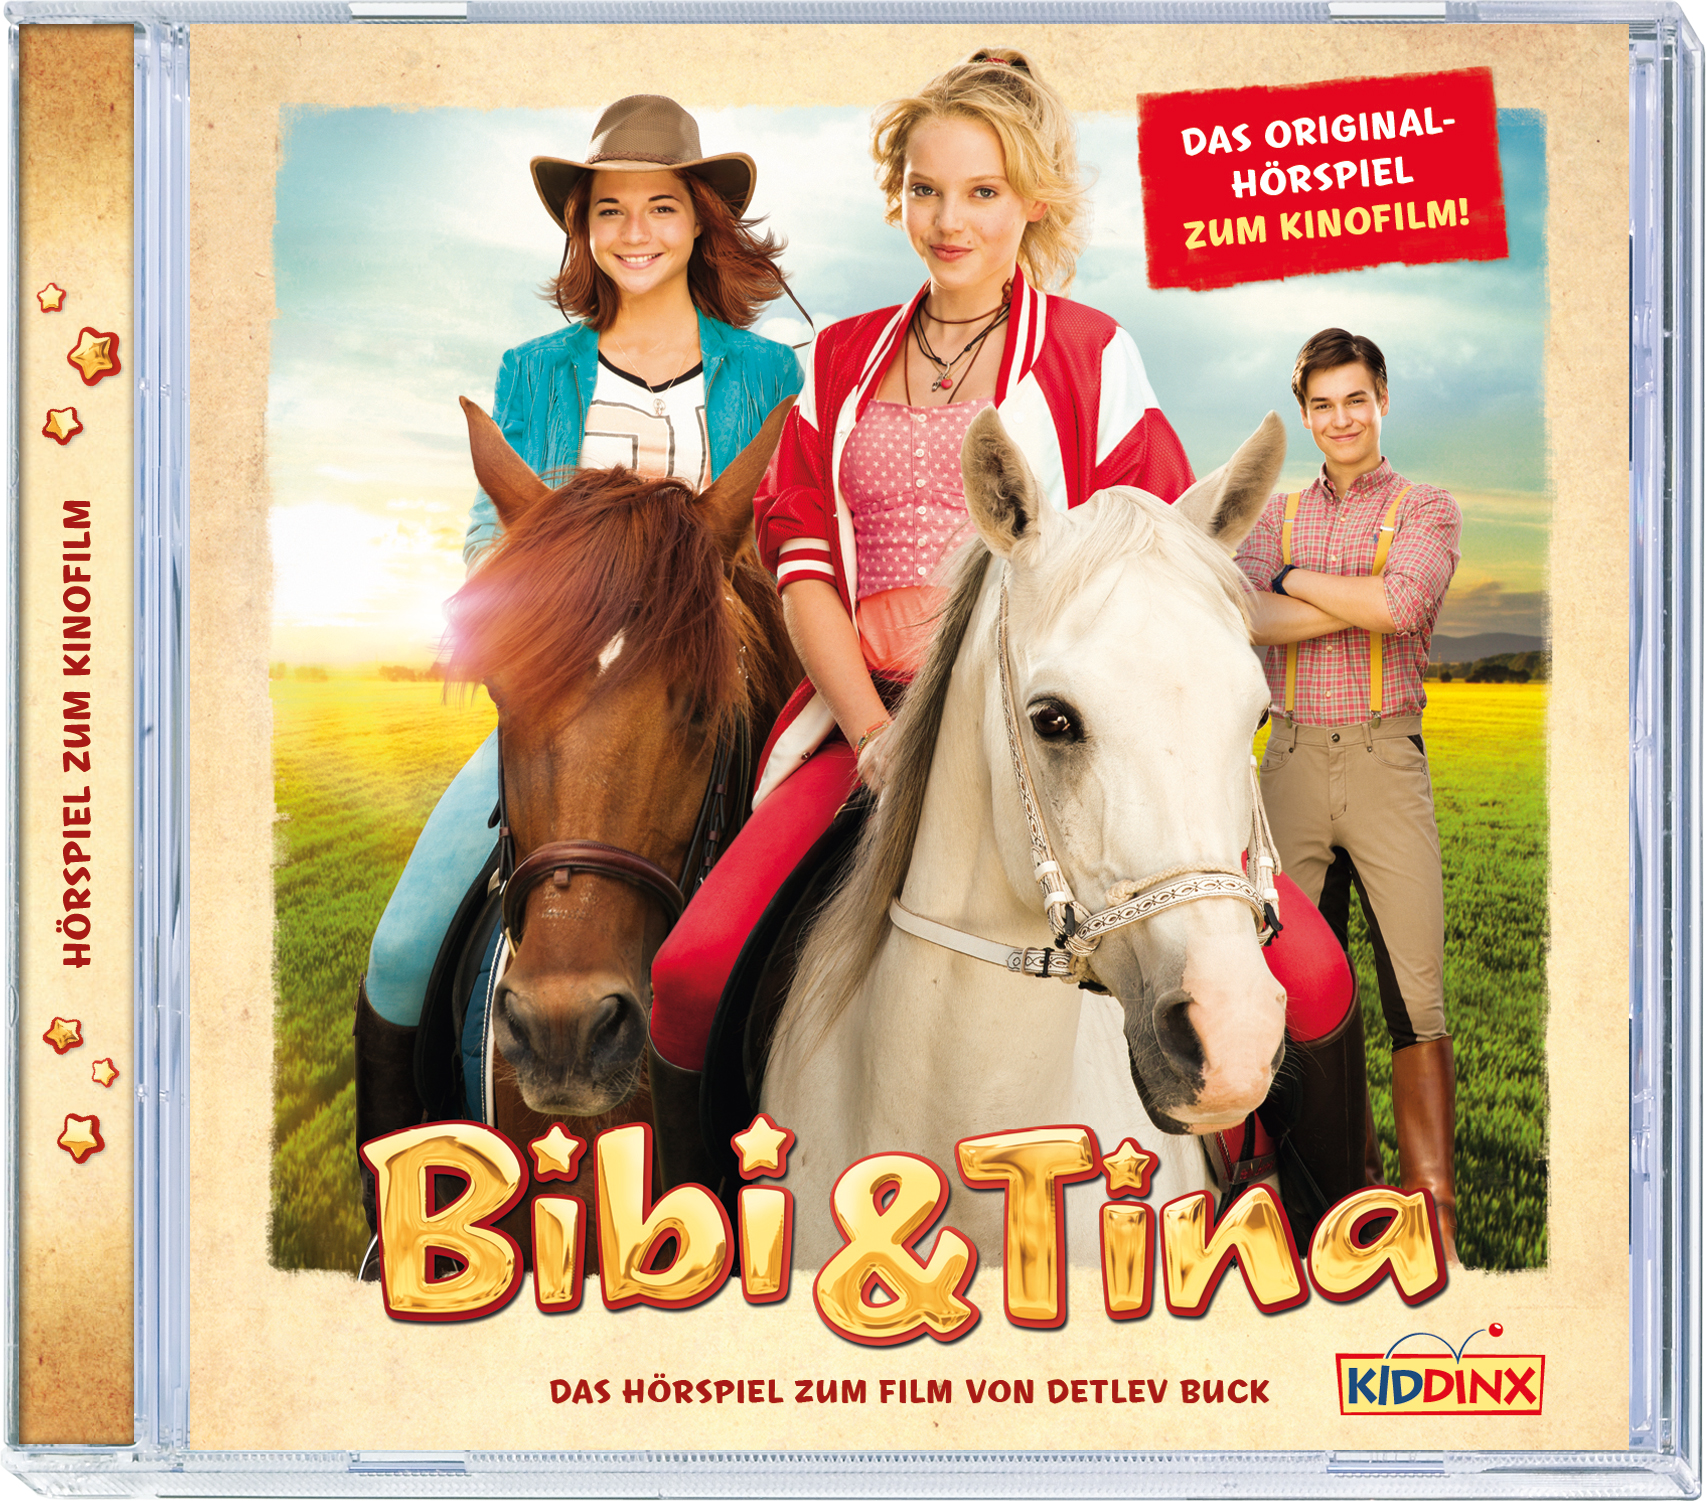 Bibi & Tina: Das Original-Hörspiel zum Kinofilm